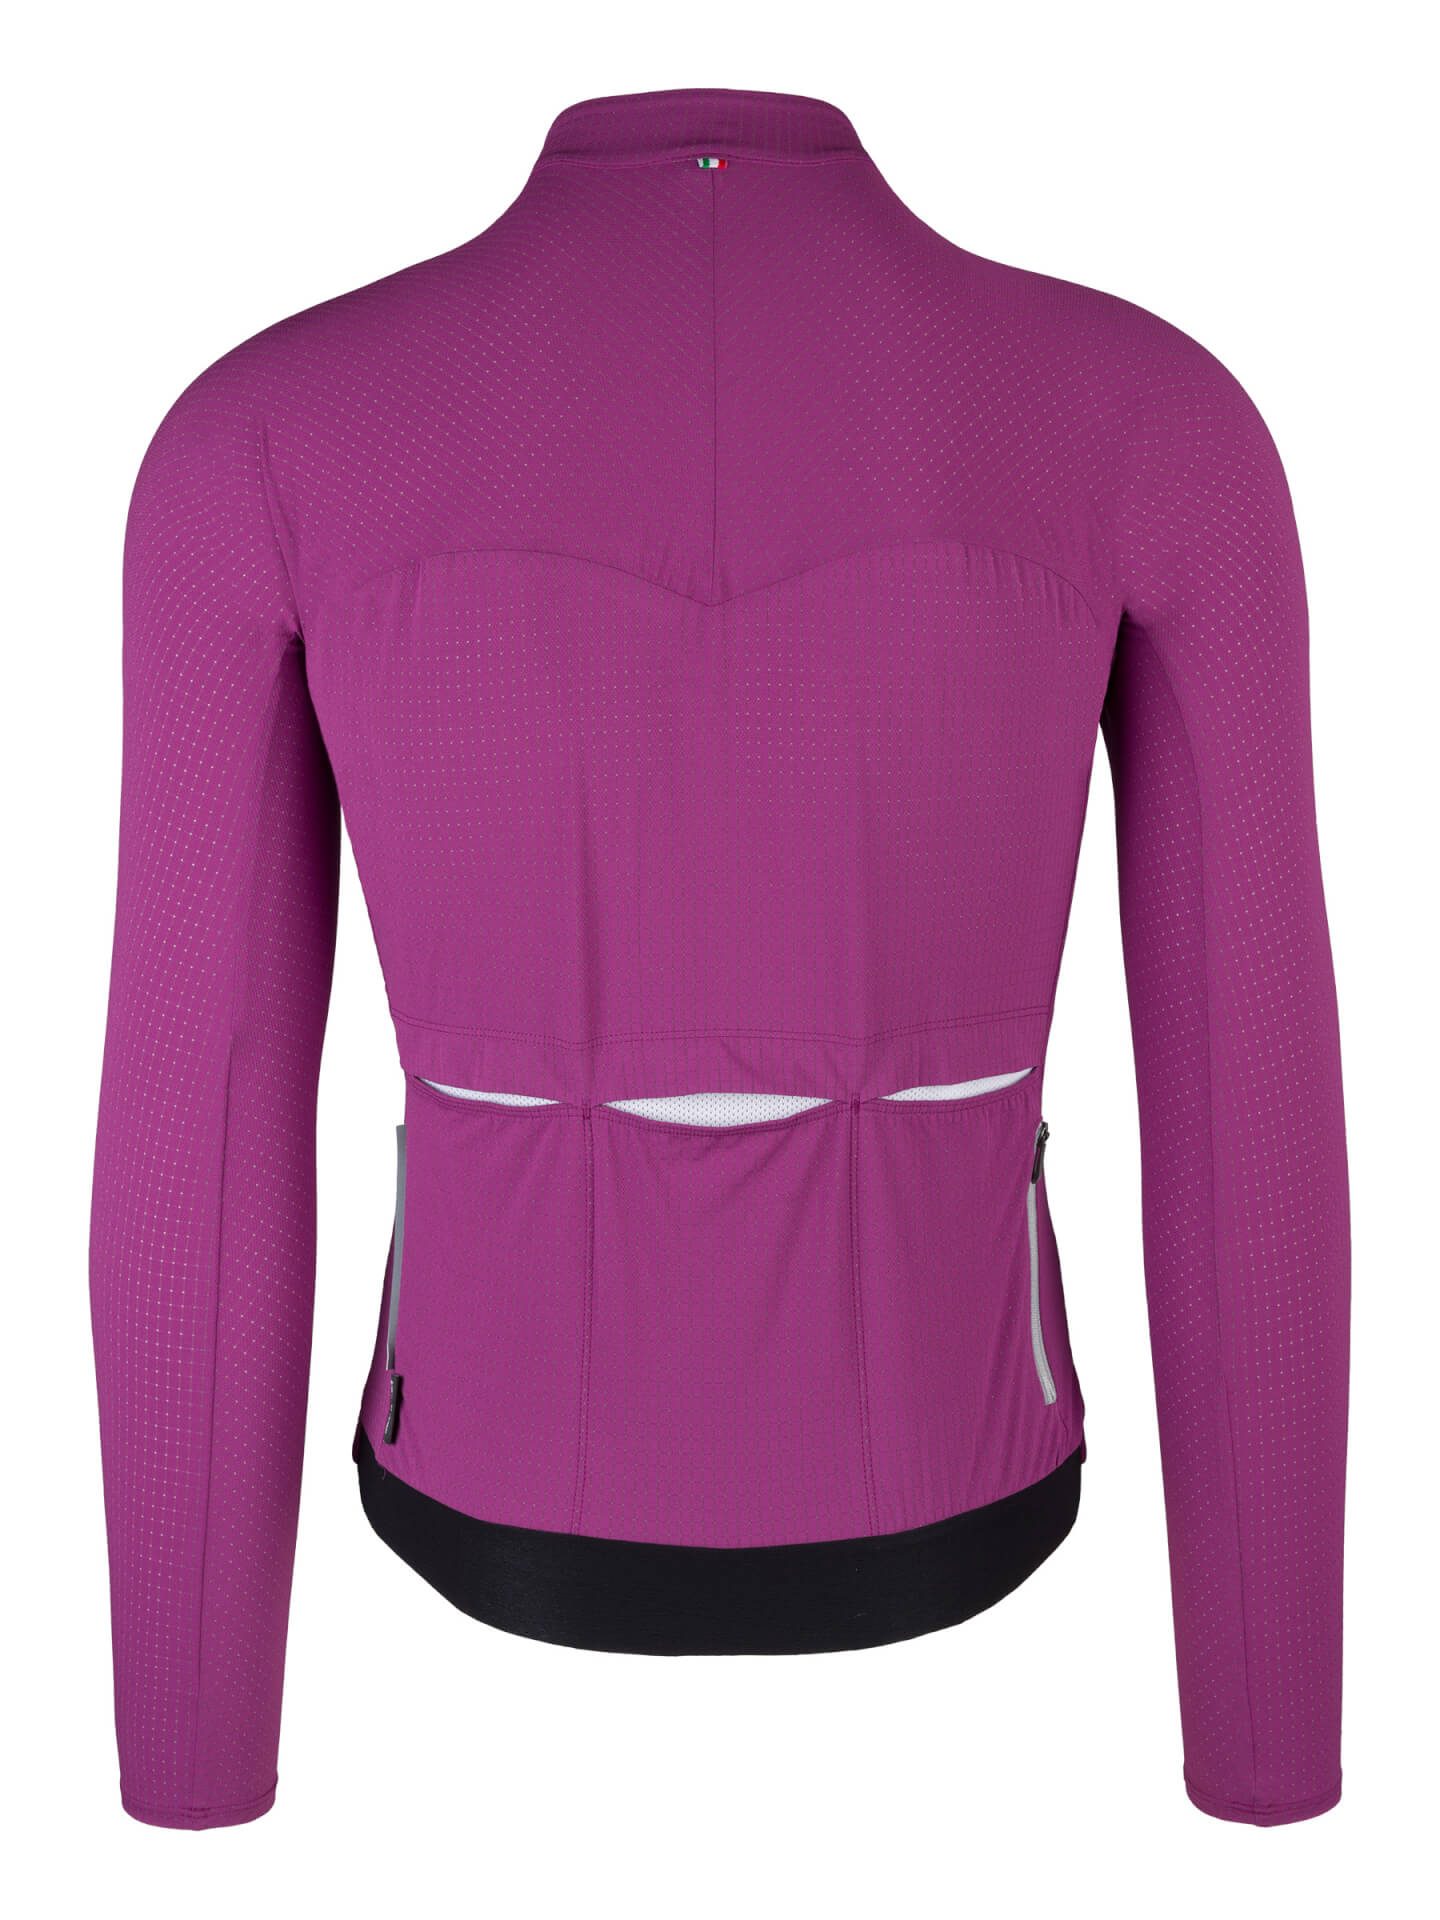 Jersey long sleeve L1 Pinstripe X Purple